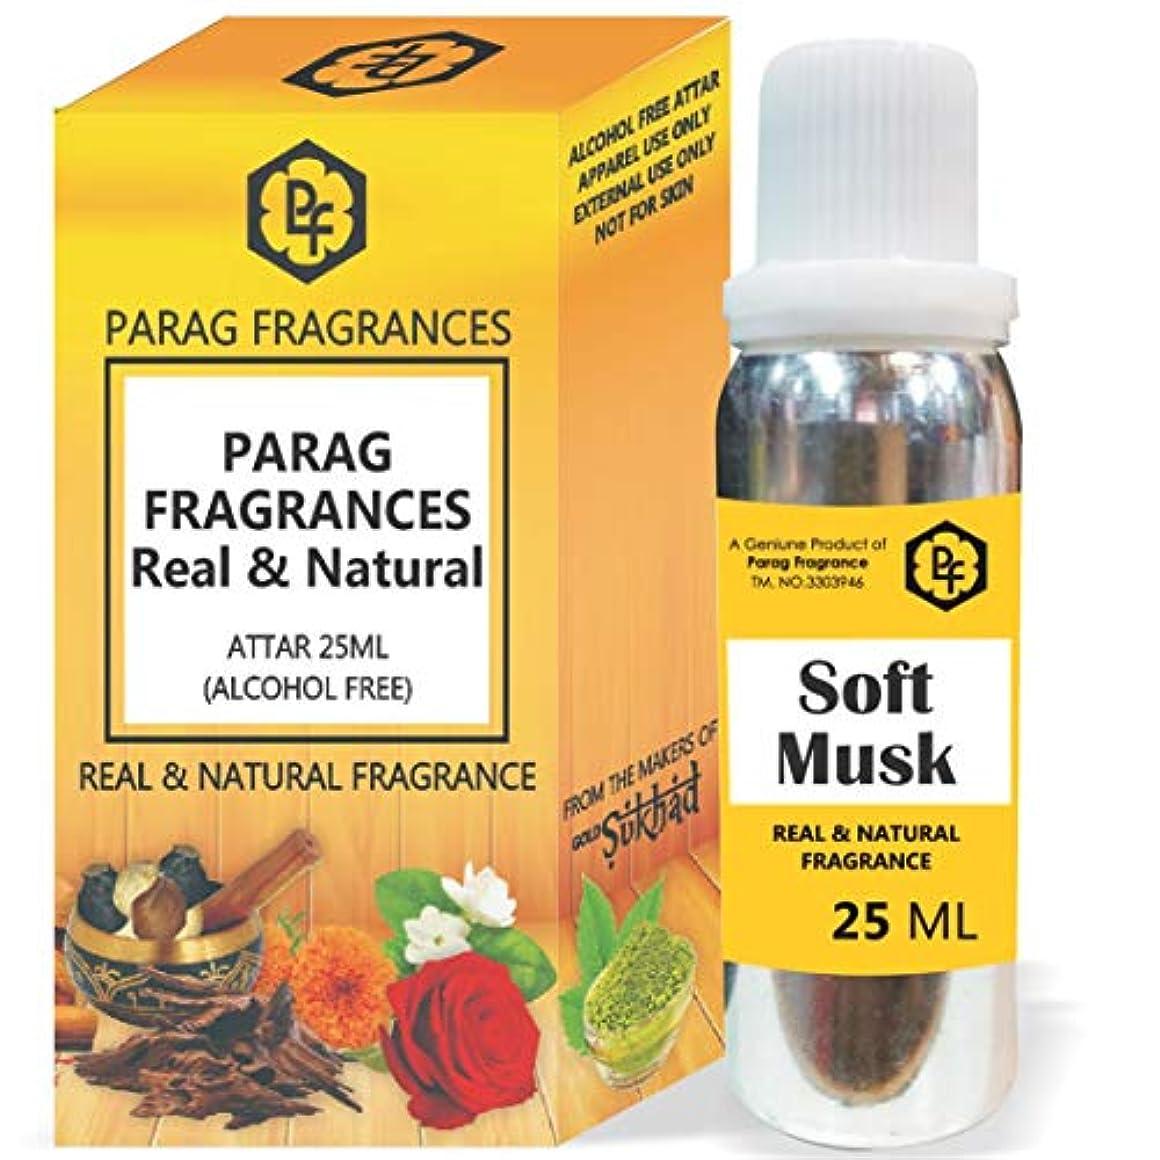 スープカイウス微生物50/100/200/500パック内の他のエディションファンシー空き瓶でParagフレグランス25ミリリットルソフトムスクアター(アルコールフリー、ロングラスティング、ナチュラルアター)